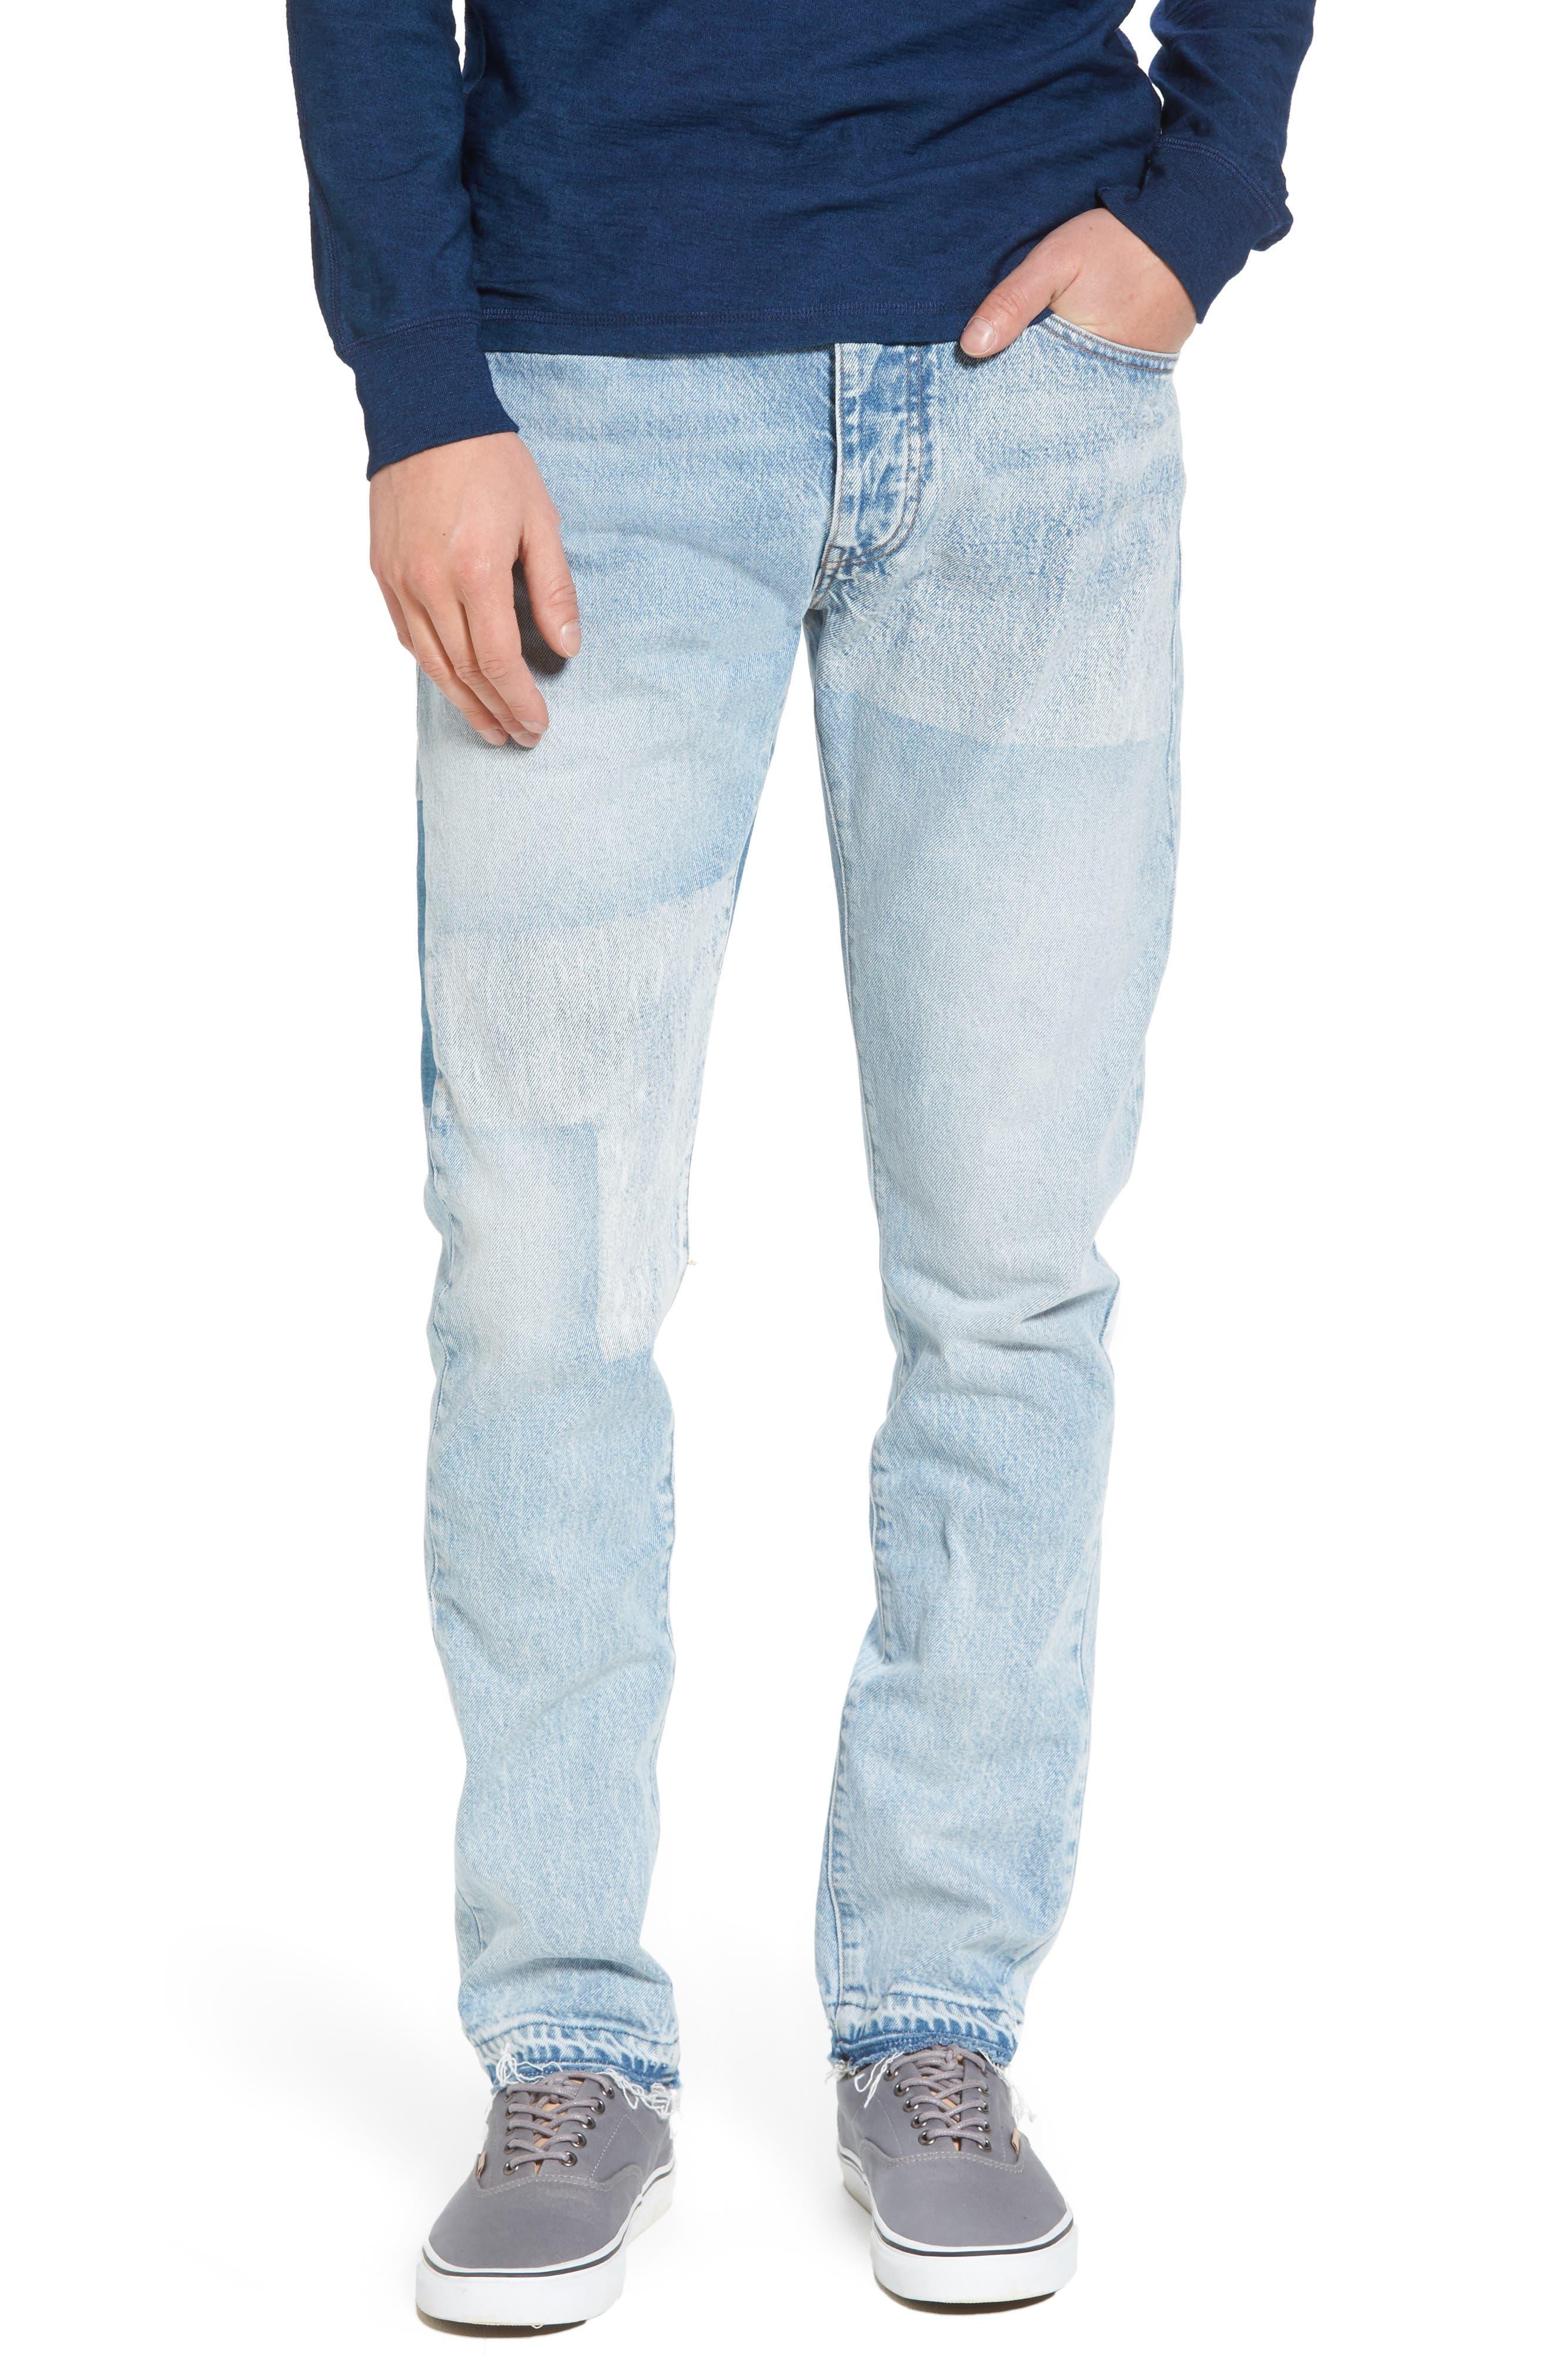 Studio Slim Fit Jeans,                         Main,                         color, 420